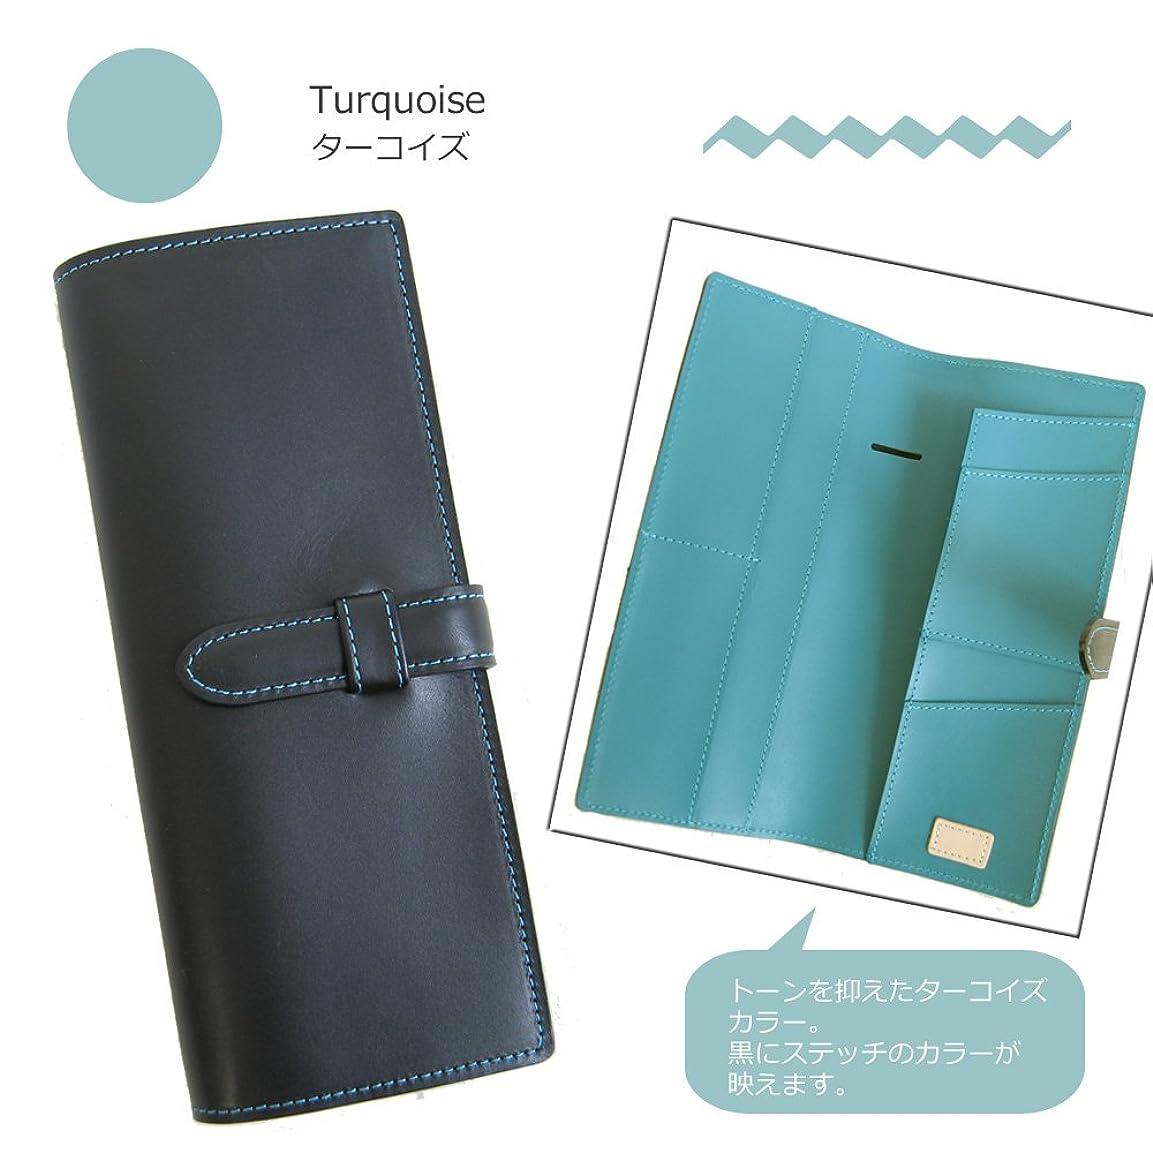 分ボードペースト日本製 「超」整理手帳カバー 牛革製 イニシャル刻印無料 (黒×ターコイズ)